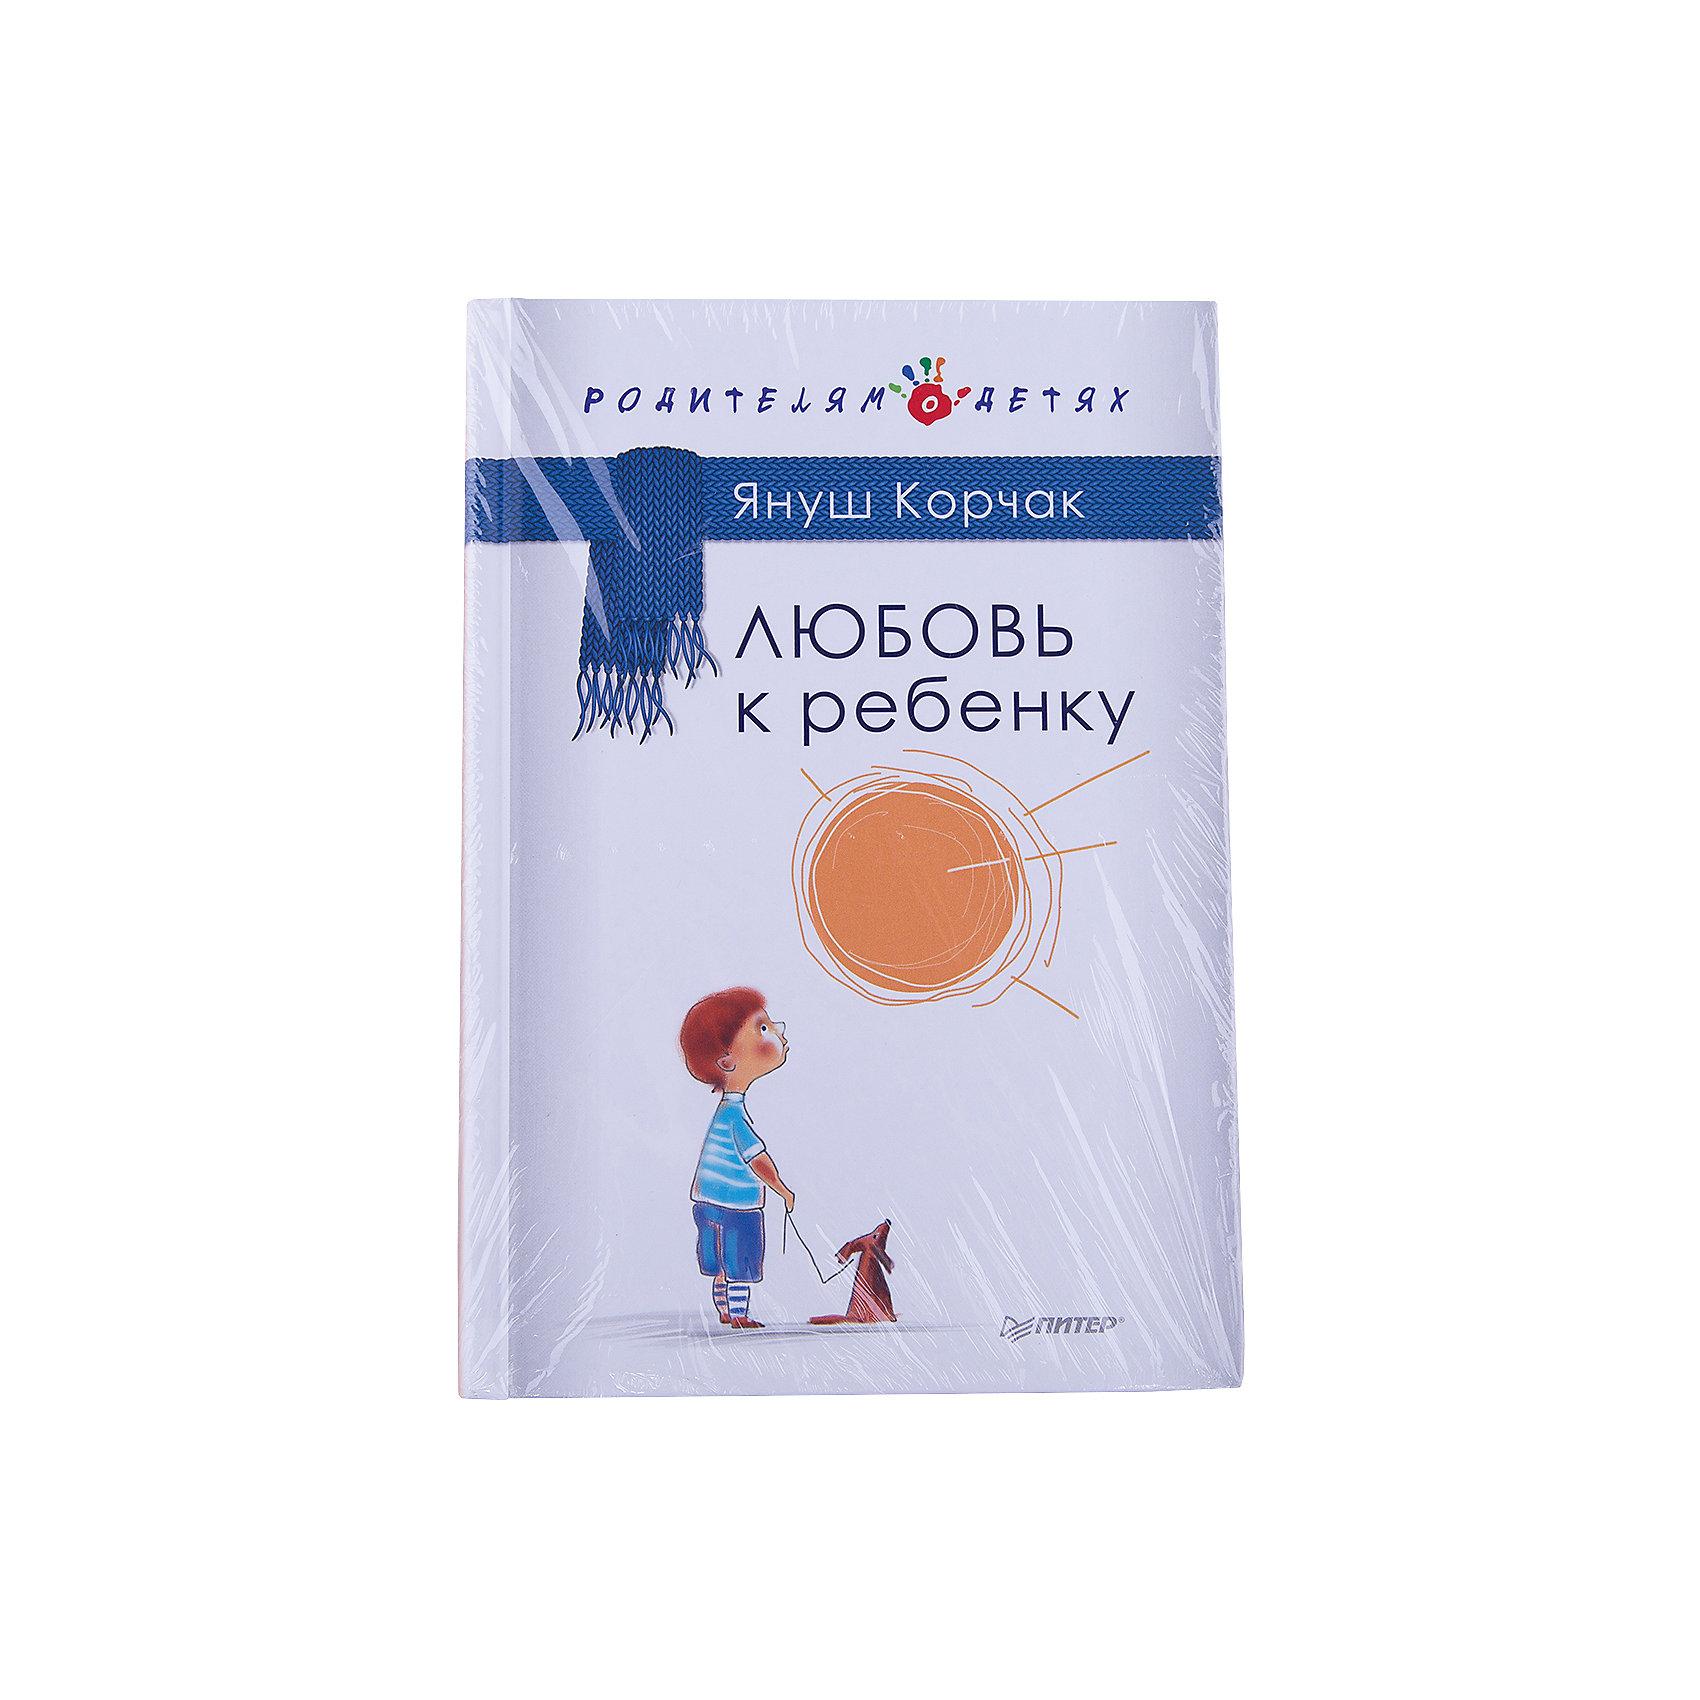 Любовь к ребенку, Я. КорчакКниги Януша Корчака давно стали классикой воспитания. О них не хочется много говорить, их хочется читать, читать и перечитывать тонкие и остроумные замечания, детали, внимательно подсмотренные умным взглядом великого мастера. Эти книги несут ту меру доброты и любви к детям, которая, медленно впитываясь, меняет каждого. <br>В книгу включен полный текст книги Как любить ребенка.<br><br>Ширина мм: 213<br>Глубина мм: 147<br>Высота мм: 19<br>Вес г: 428<br>Возраст от месяцев: 144<br>Возраст до месяцев: 2147483647<br>Пол: Унисекс<br>Возраст: Детский<br>SKU: 5018102